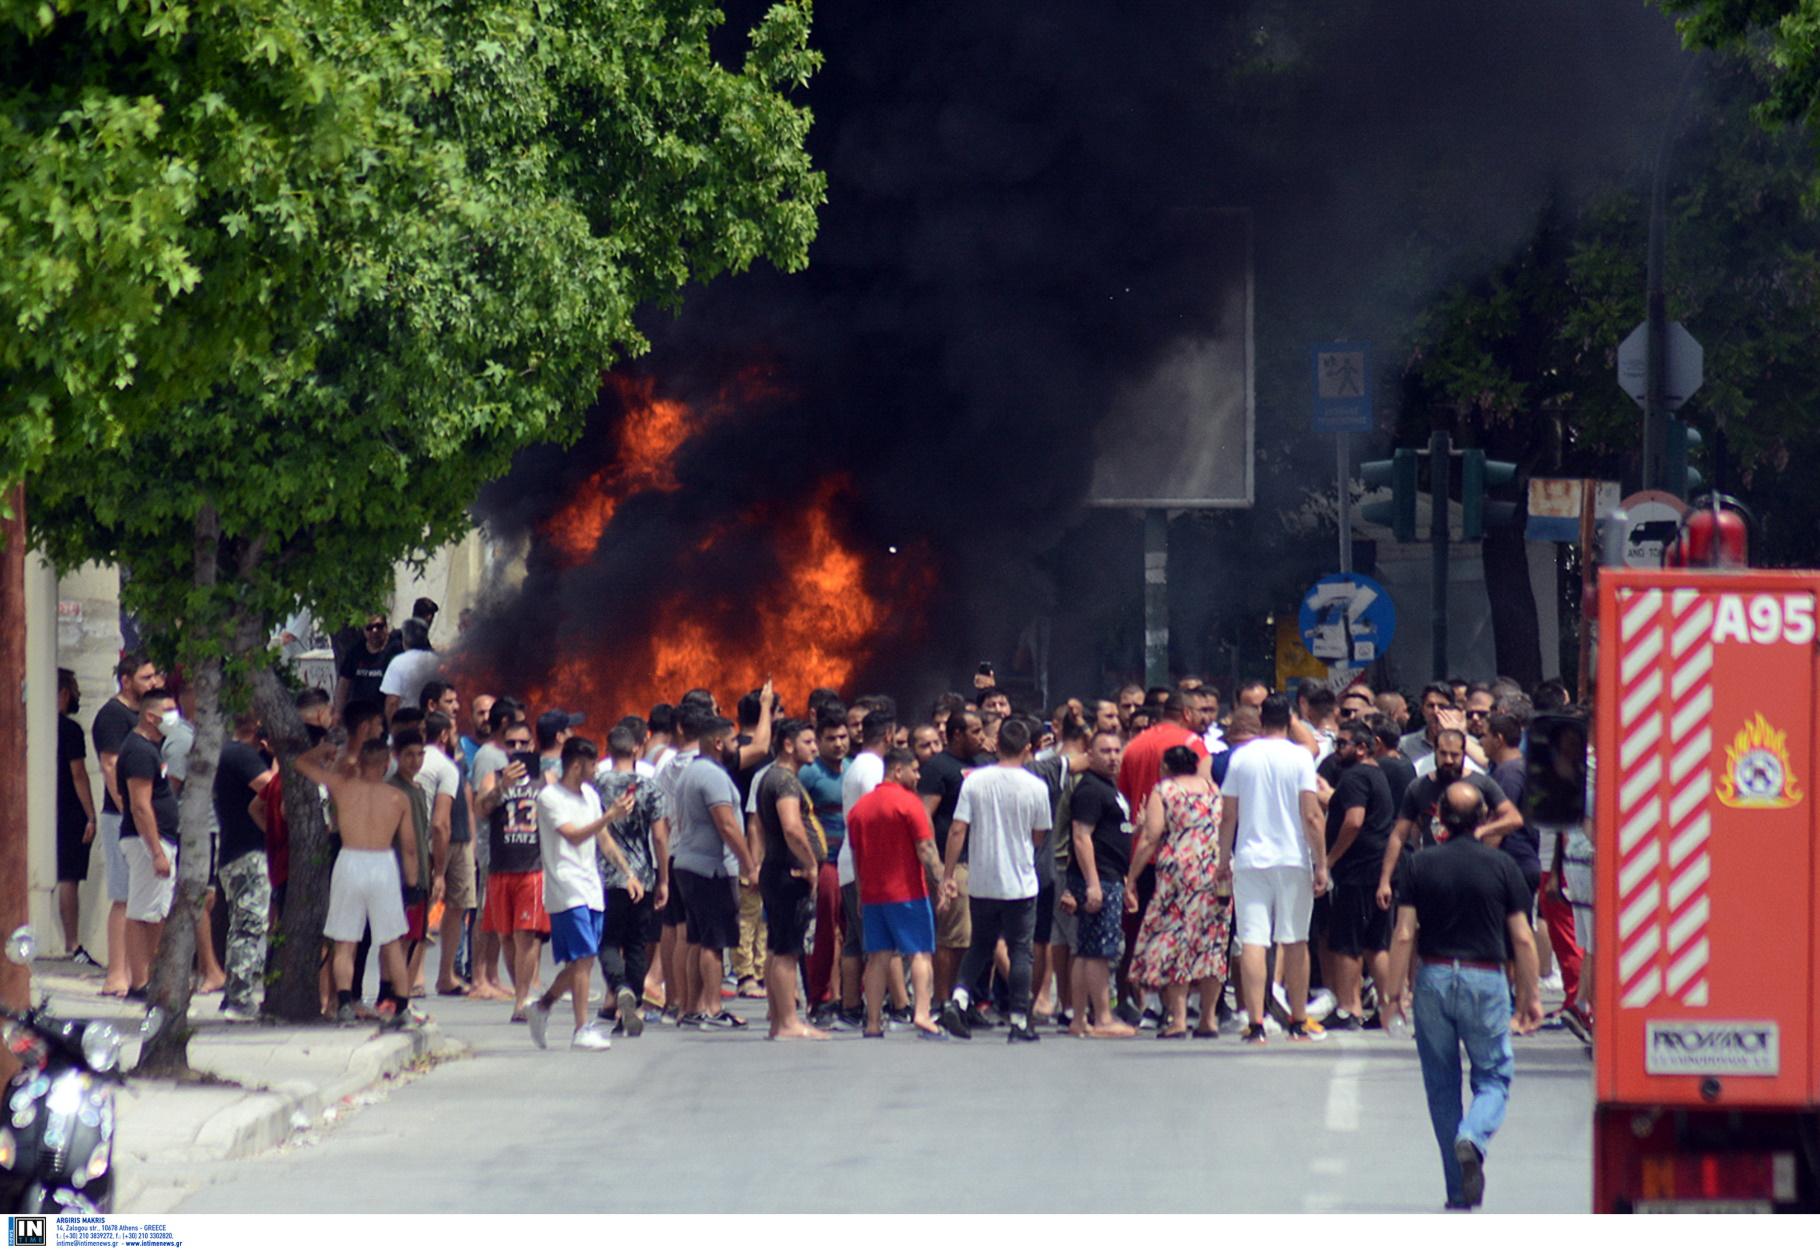 Λάρισα: Επιθέσεις σε δημοσιογράφους και σε Αγοραστό, Καλογιάννη στον οικισμό των Ρομά (pics, video)